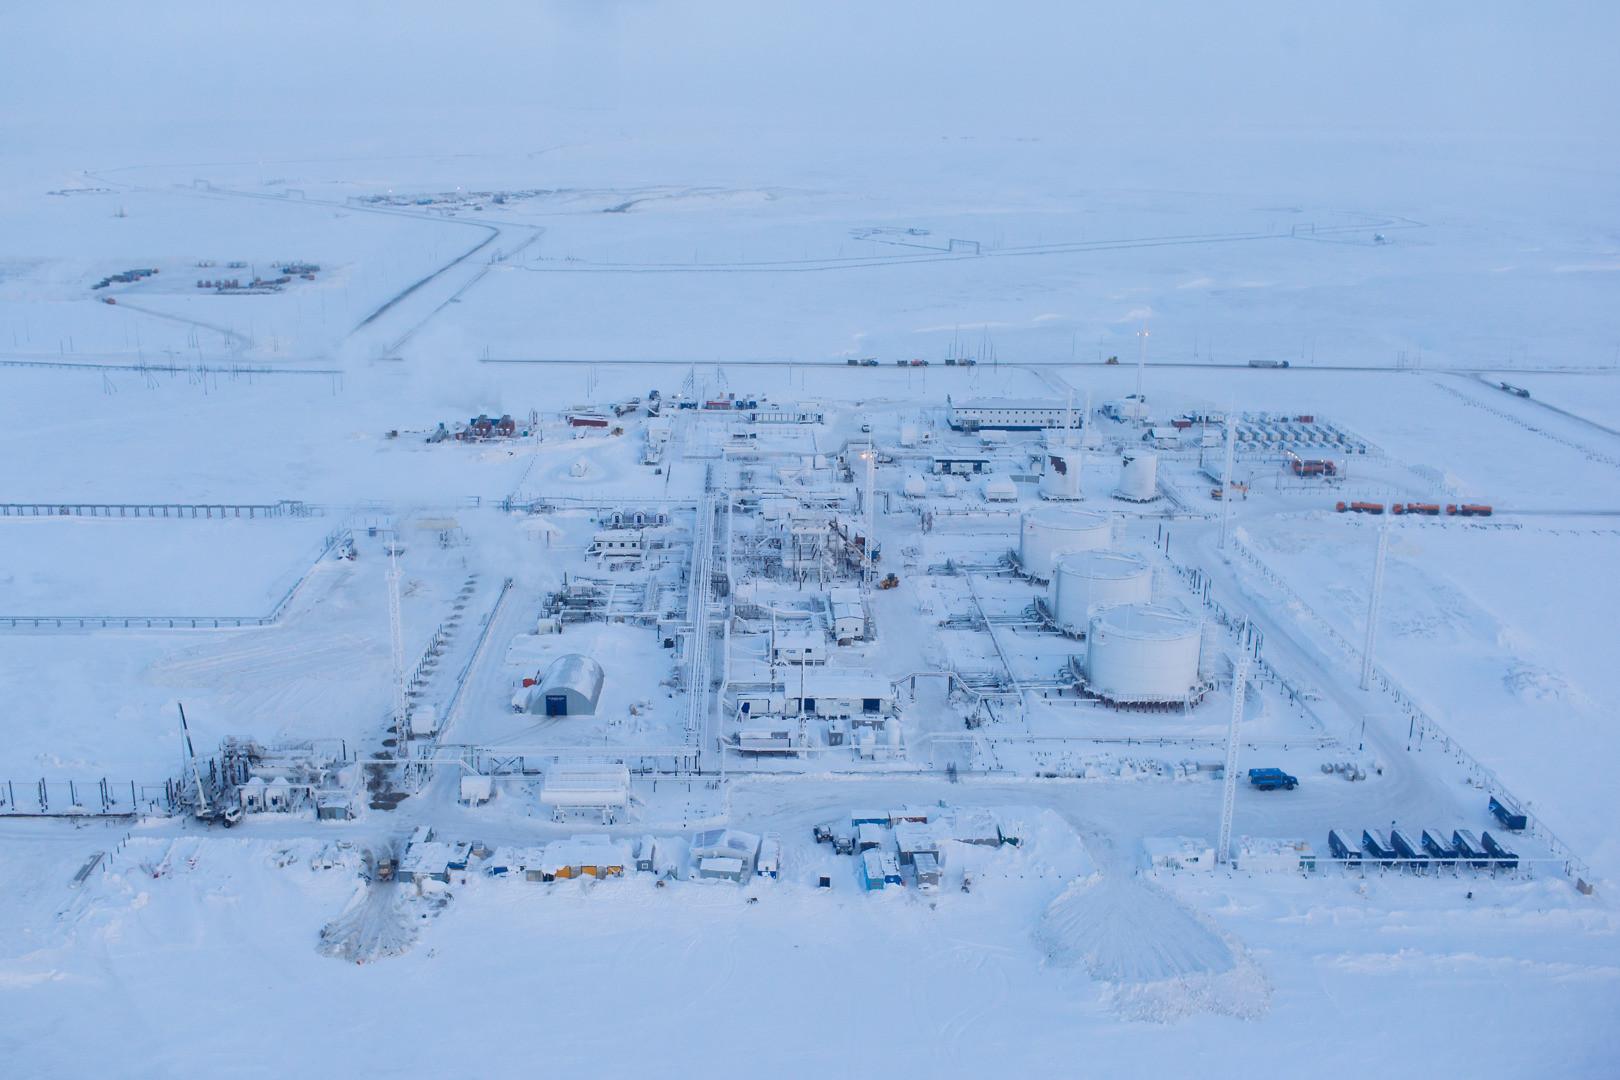 минестроне зима на месторождении янао фото будет свидетельствовать положении